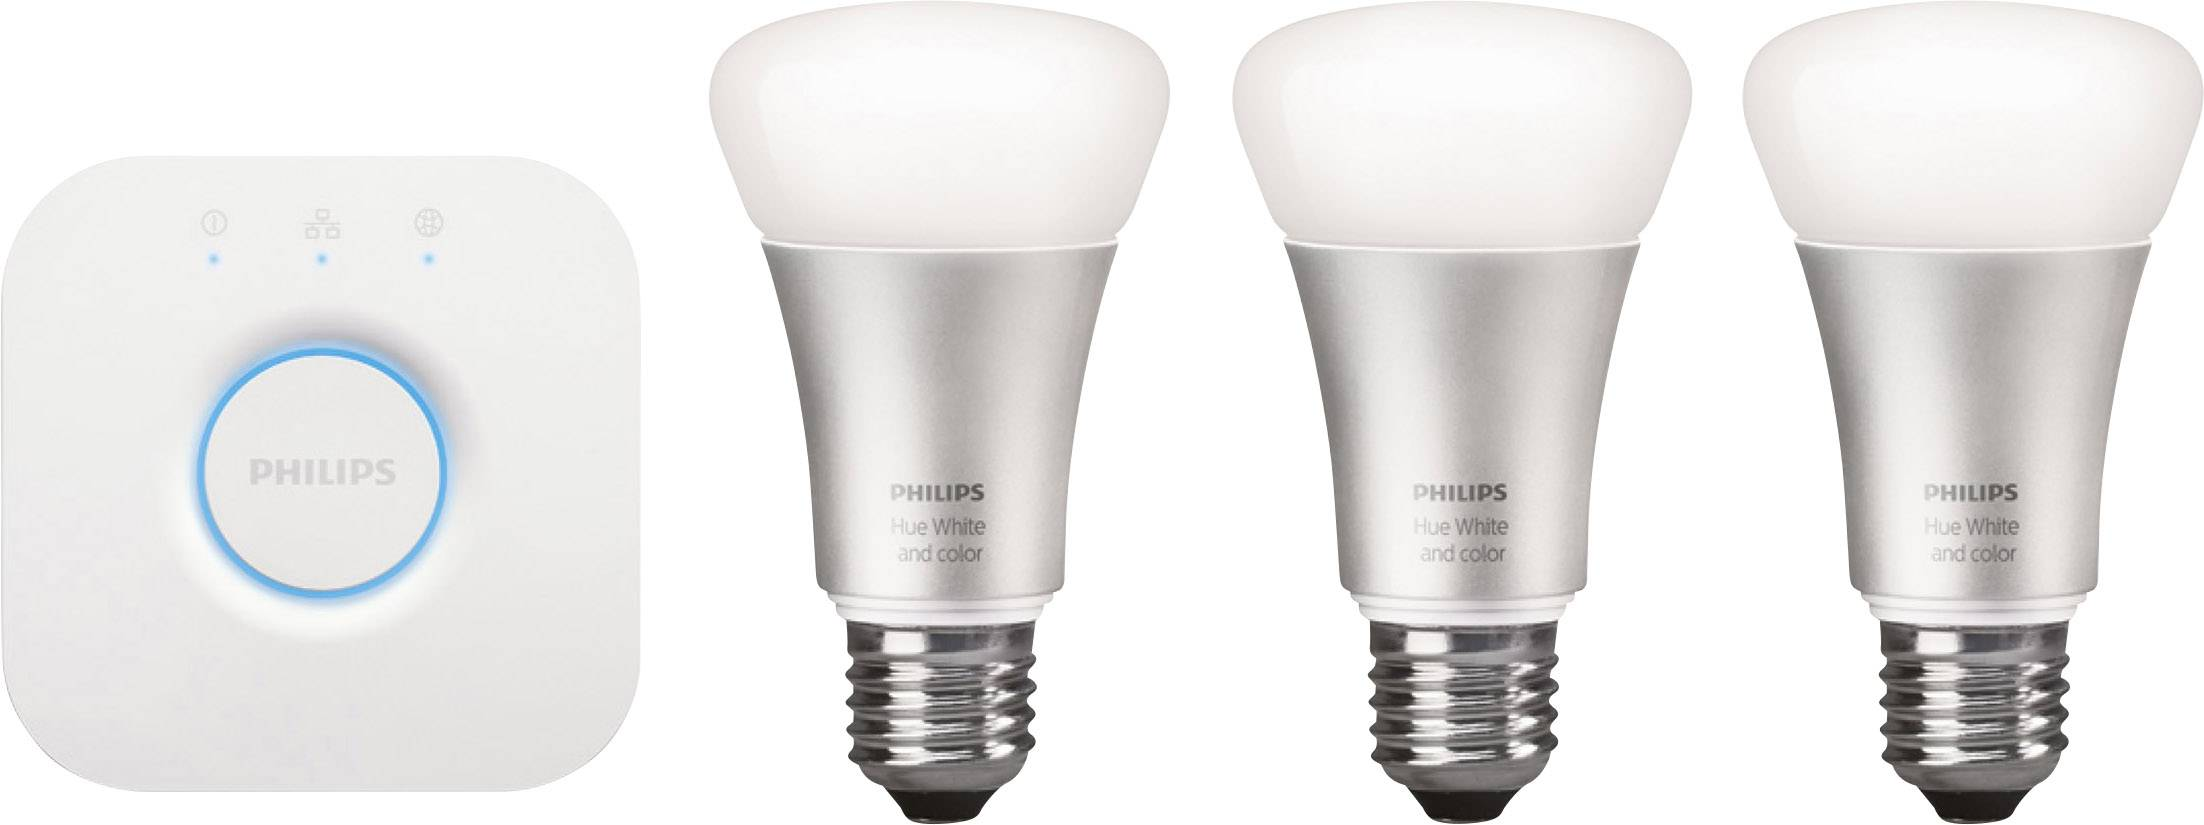 Inteligentní osvětlení